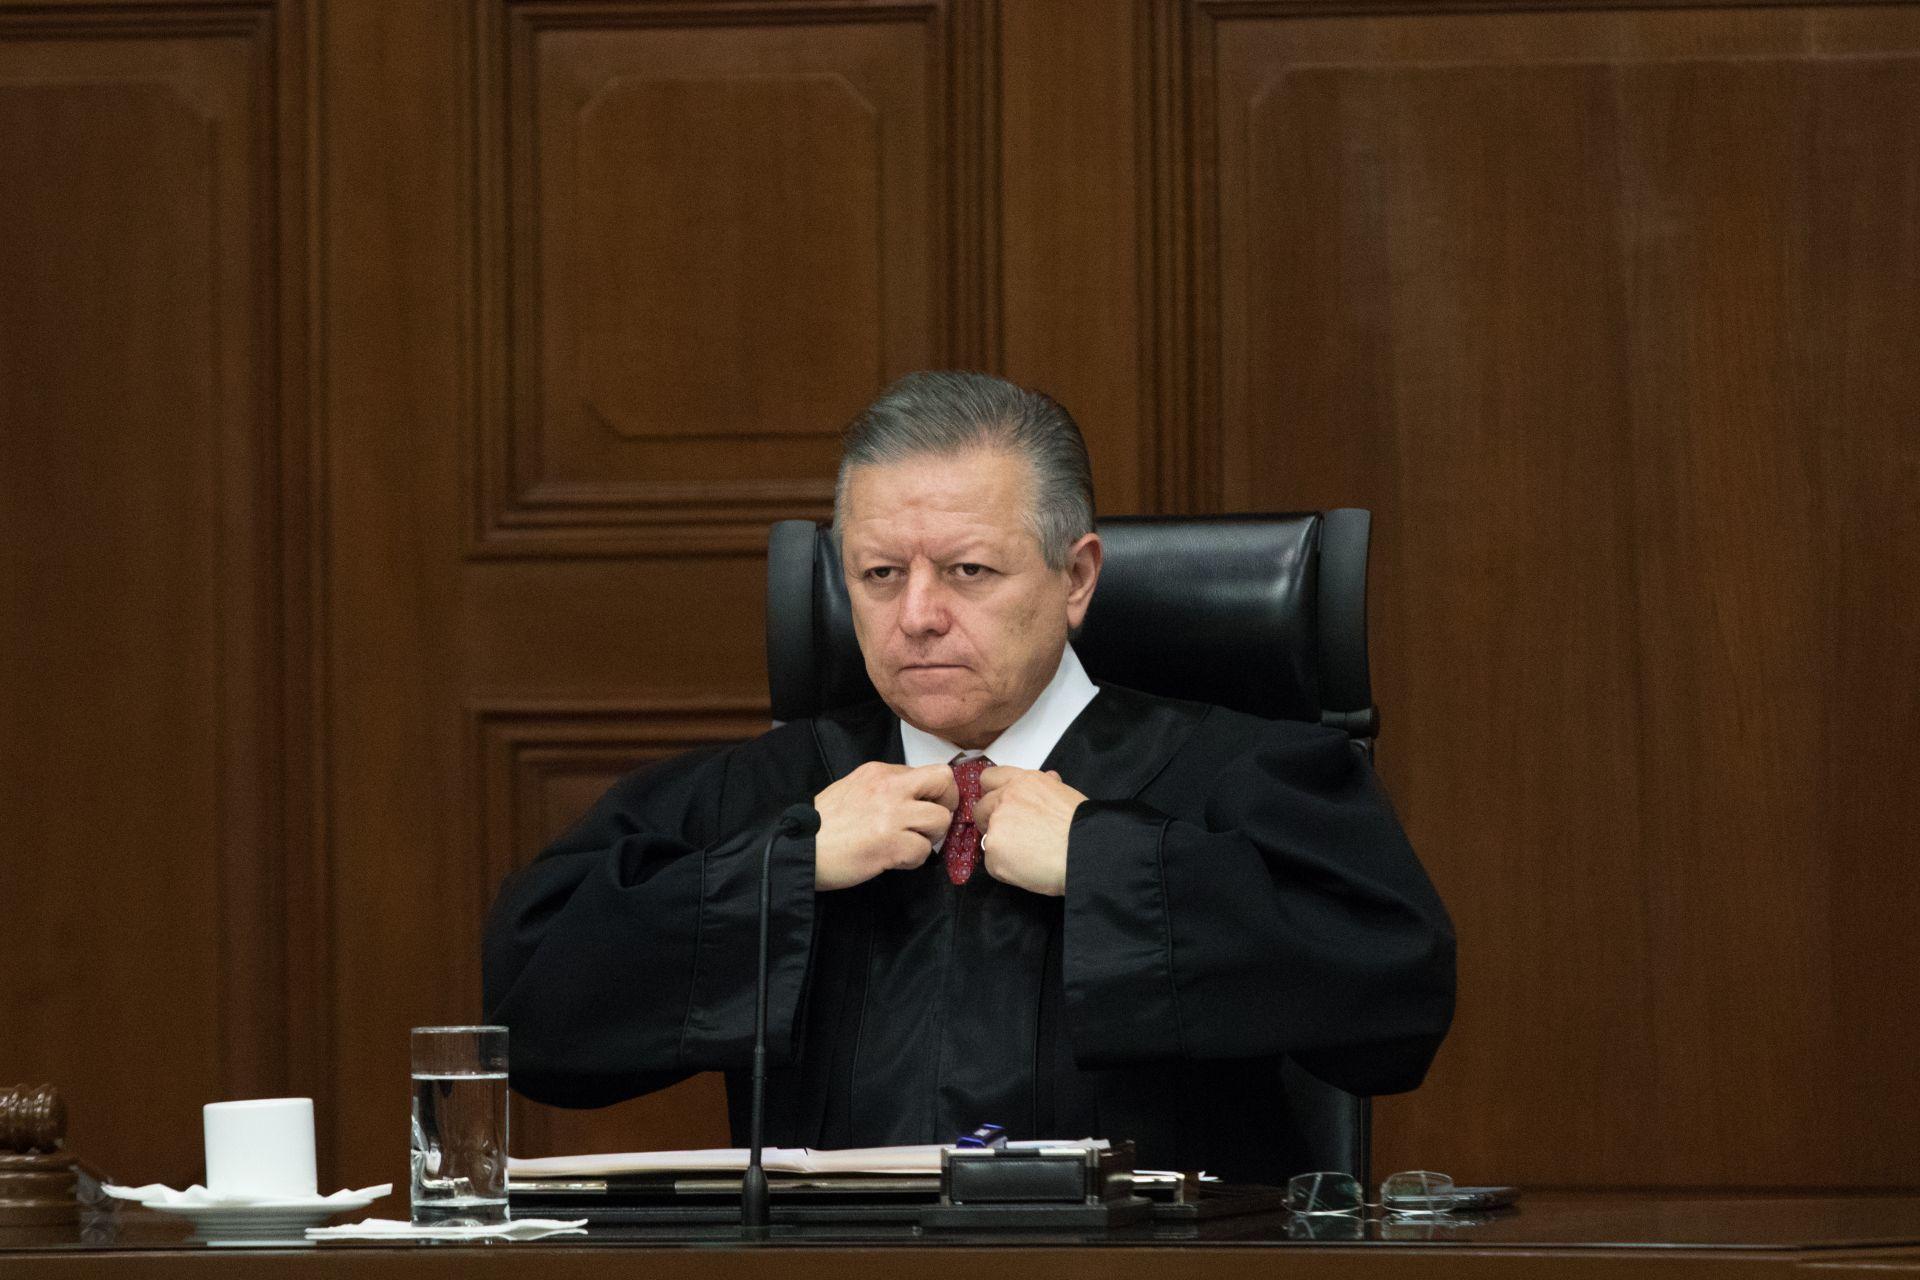 CIUDAD DE MÉXICO, 25NOVIEMBRE2019.- Loretta Ortíz Ahlf (imagen) y Verónica de Gyvés fueron recibidas en sesión solemne en la Suprema Corte de Justicia de la Nación como nuevas integrantes del Consejo de la Judicatura Federal, el presidente de la SCJN, Arturo Zaldívar, felicitó a las nuevas consejeras de la CJF.